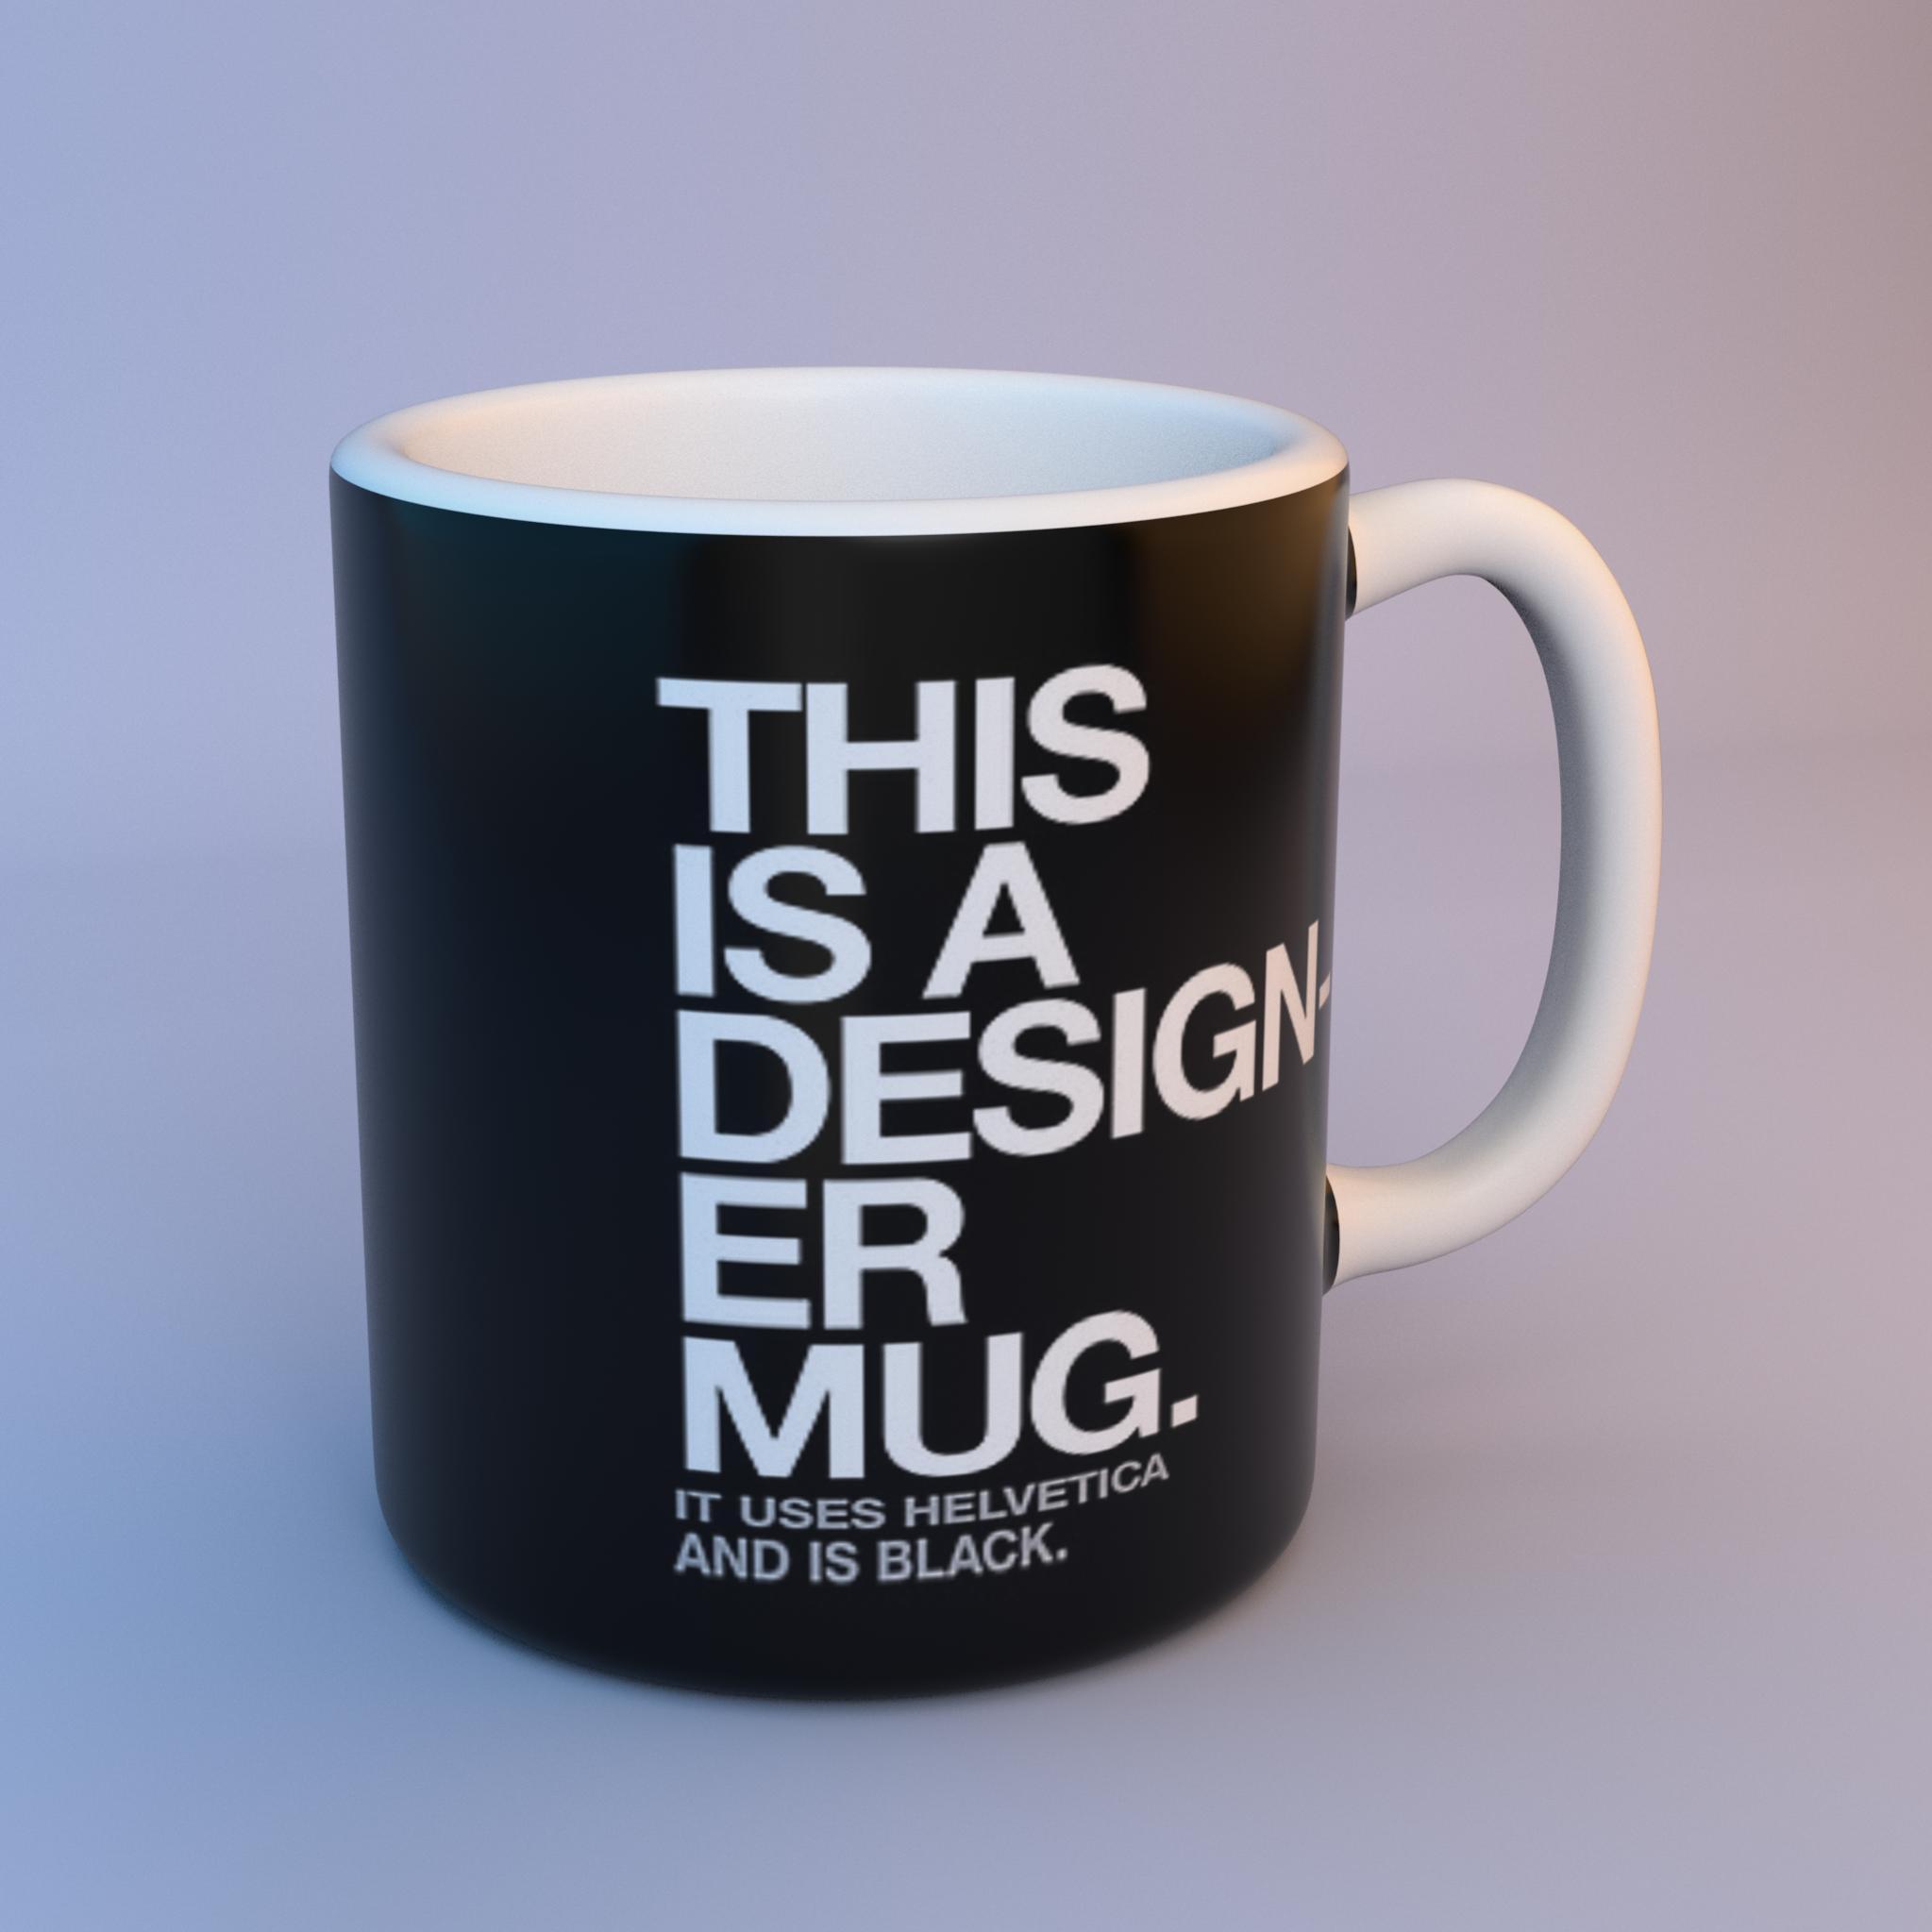 designer mug finished projects blender artists community